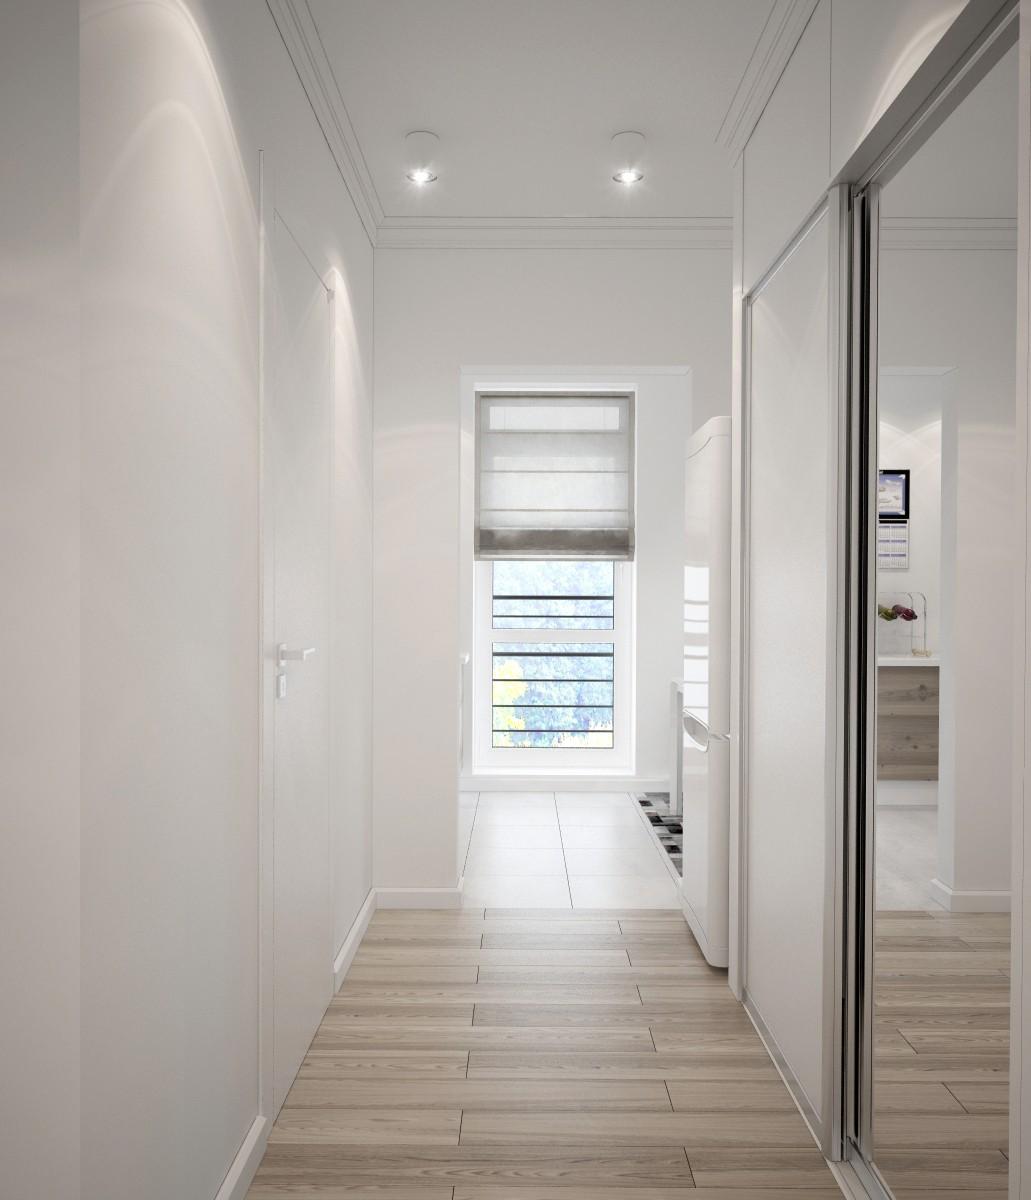 узкий коридор встроенный шкаф освещение фото обладаем технической